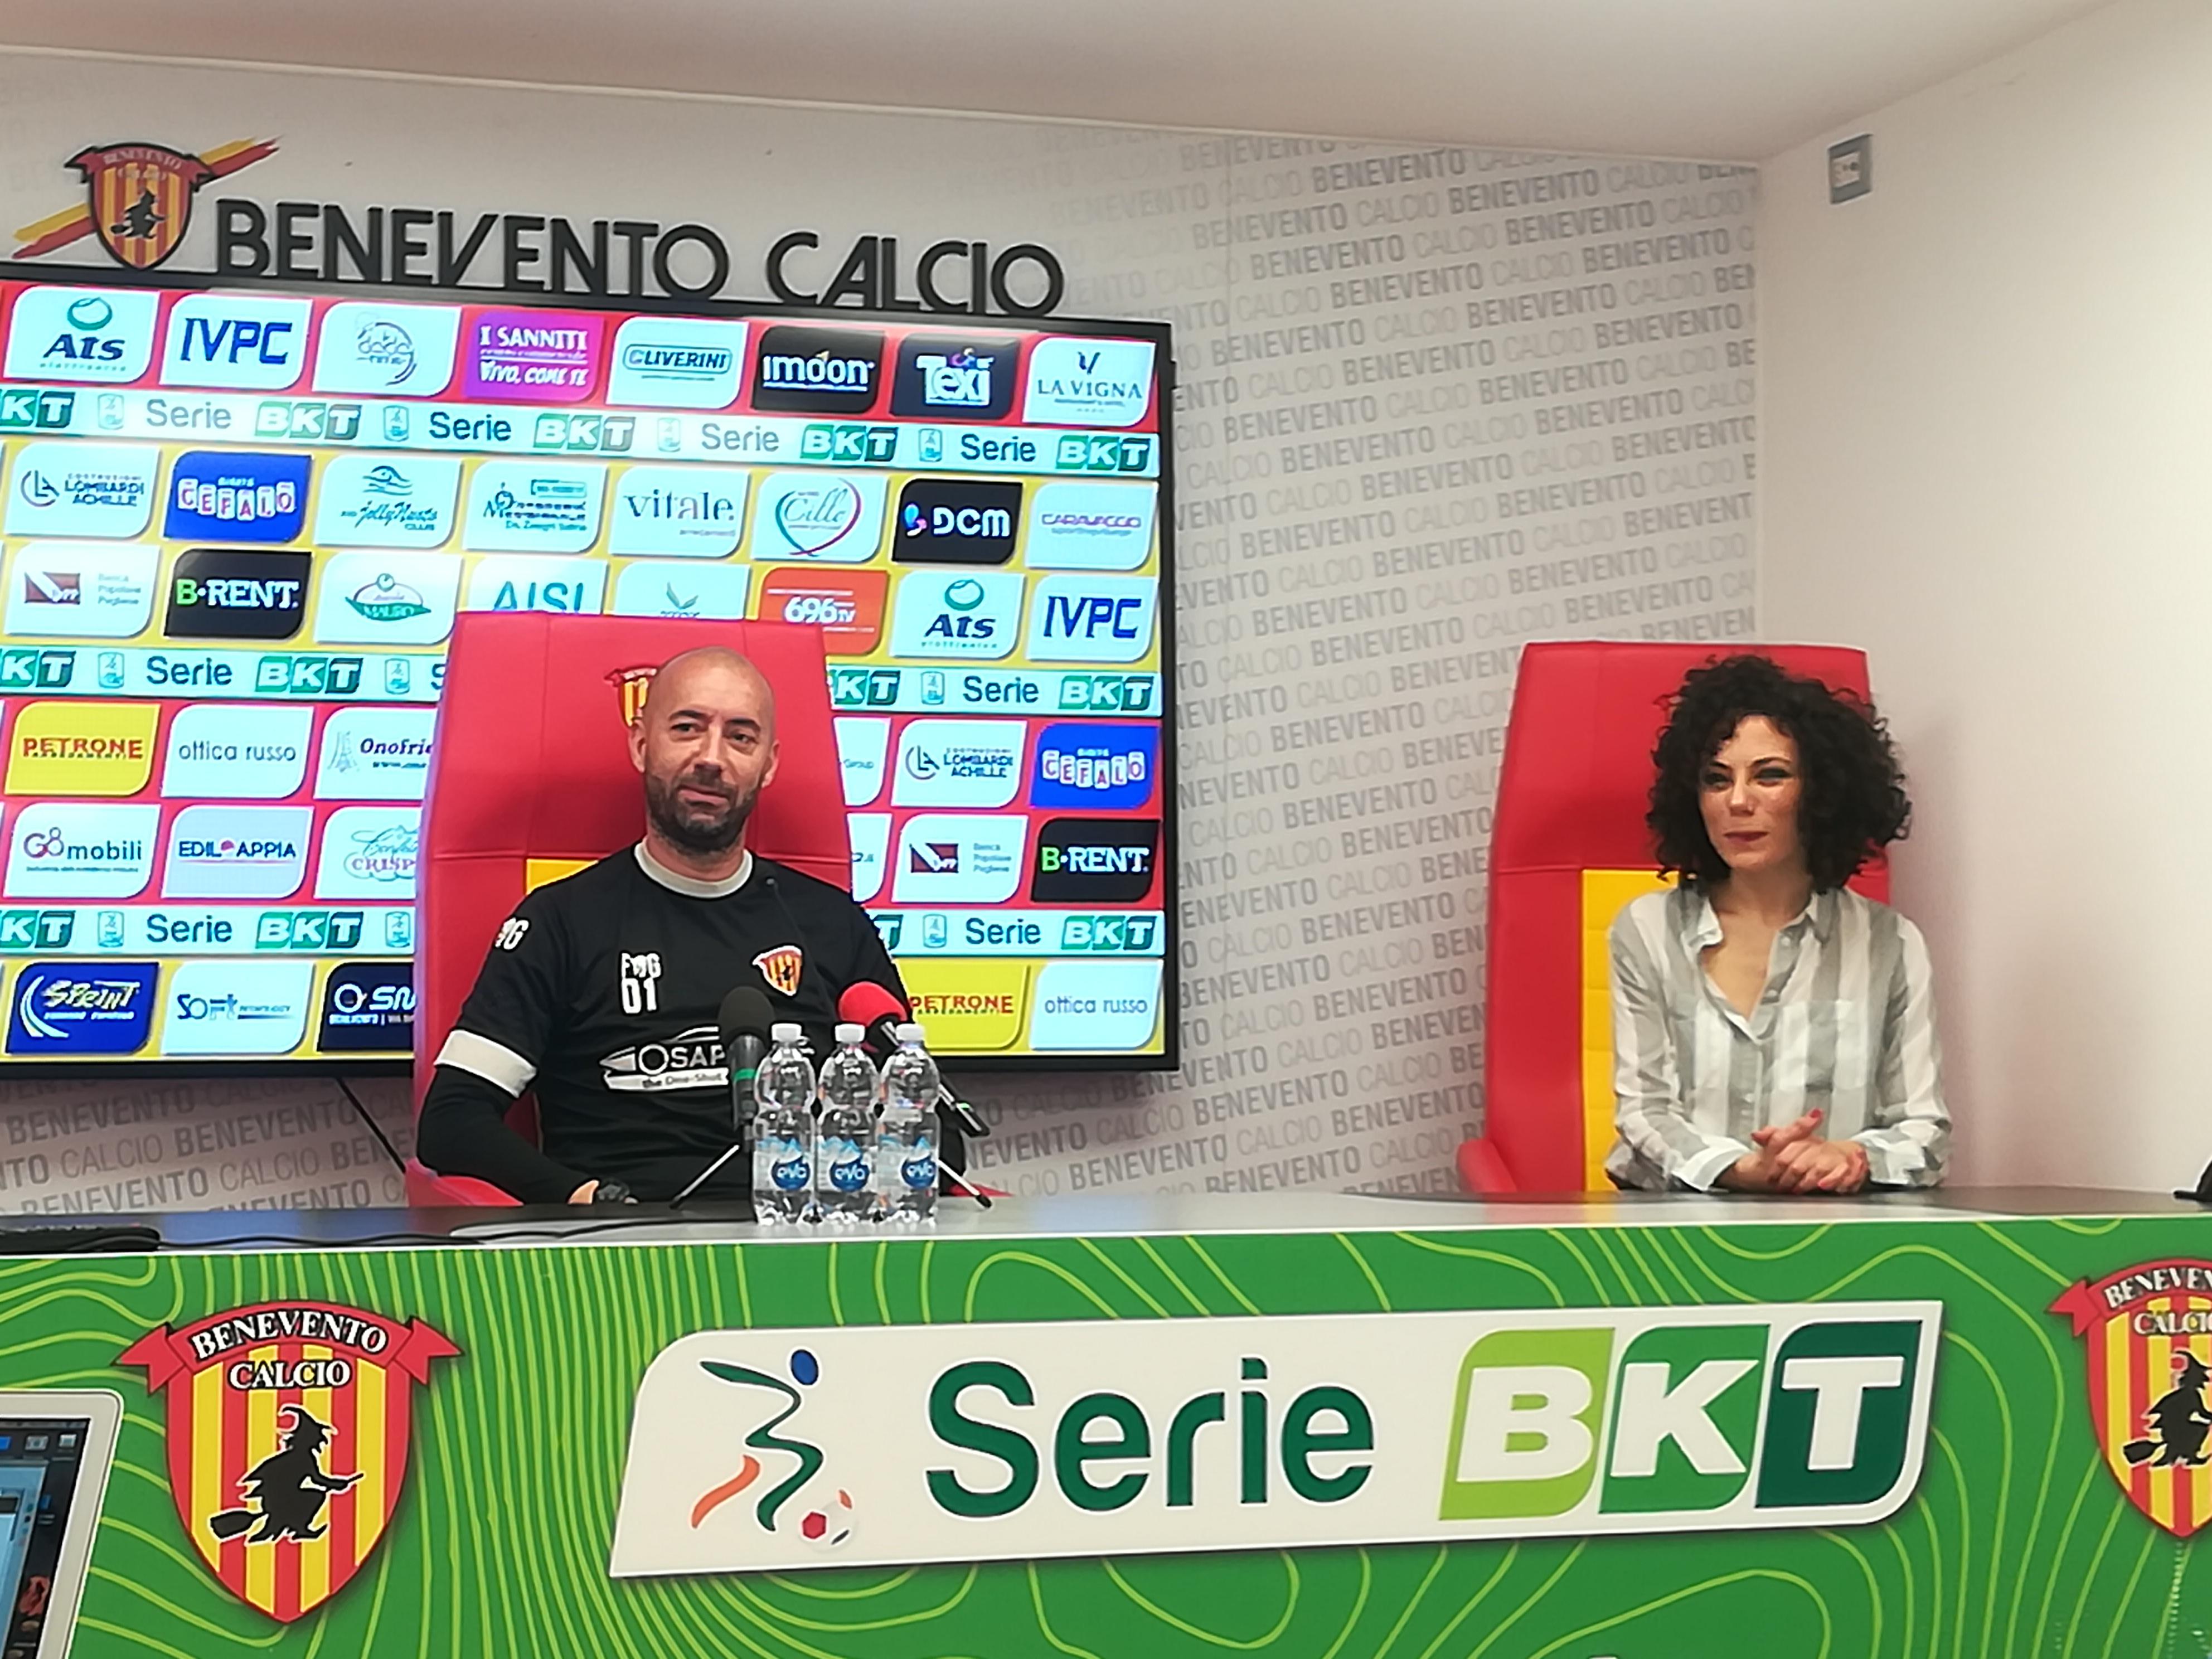 Benevento – Cosenza. C'è ottimismo tra i tifosi per il match contro i lupi silani